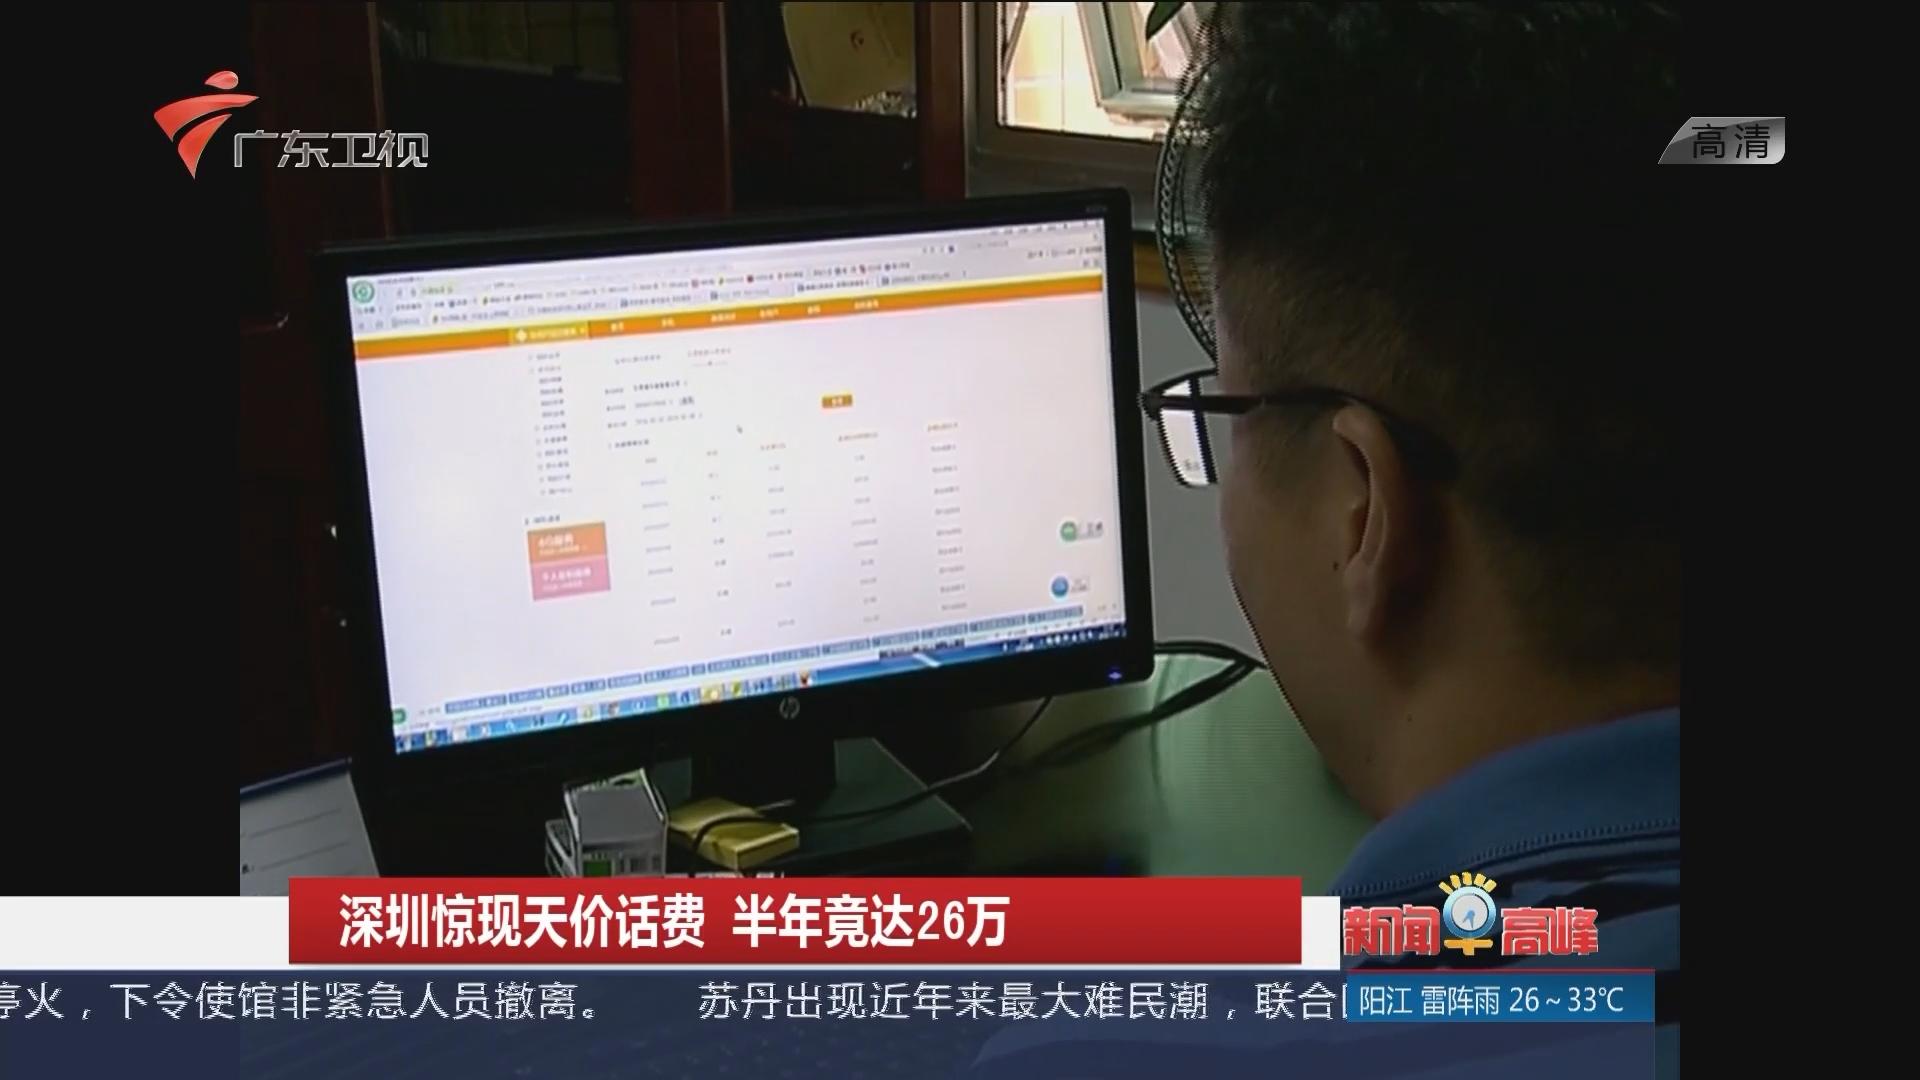 深圳惊险天价话费 半年竟达26万